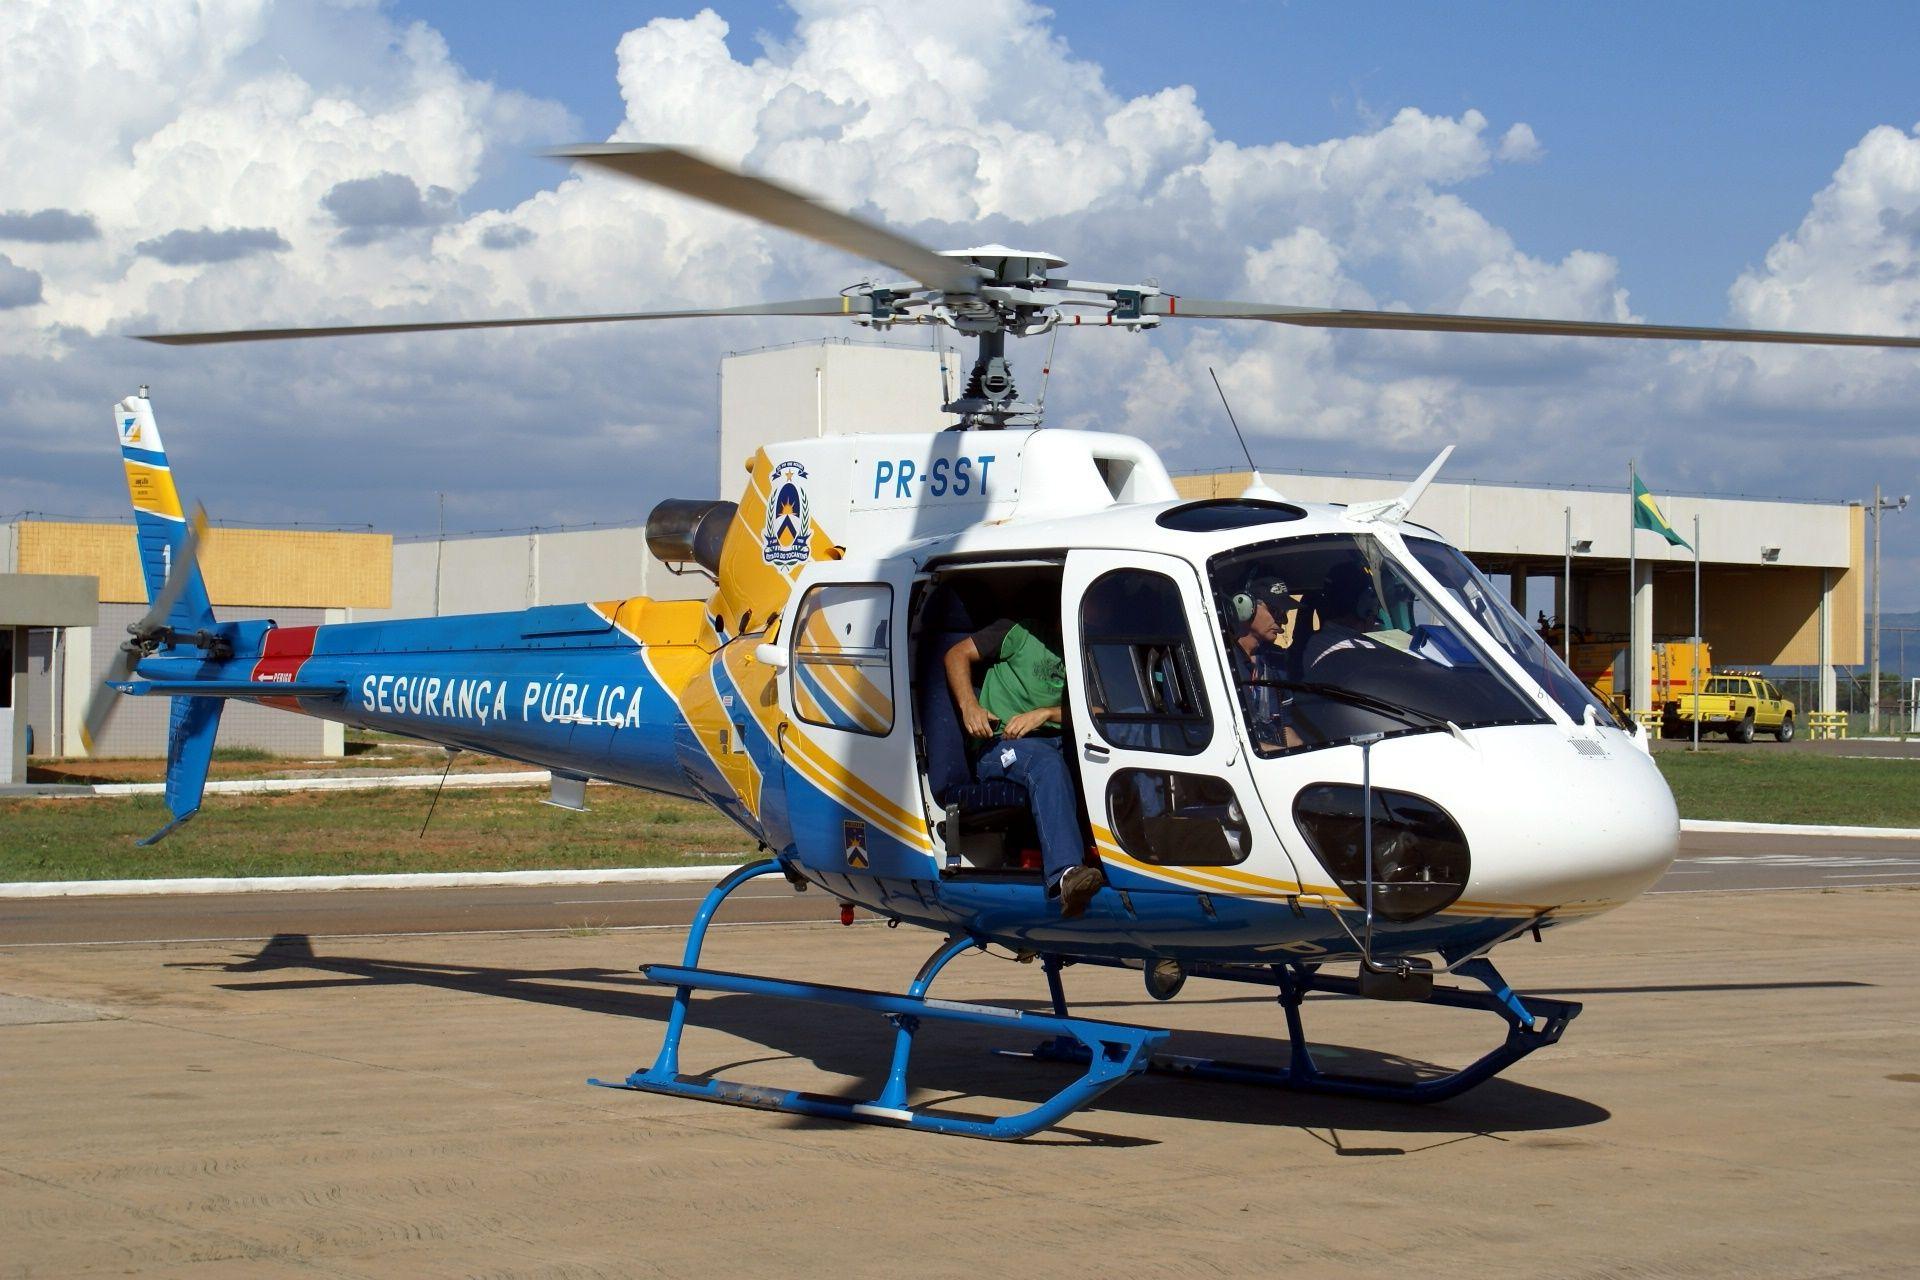 Polícia Militar, Corpo de Bombeiros Militar e Polícia Civil de Tocantins - Centro Integrado de Operações Aéreas – CIOPAER (Brasil). http://www.folhadobico.com.br/12/2010/tocantins-helicoptero-reforcara-segurancano-estado.php